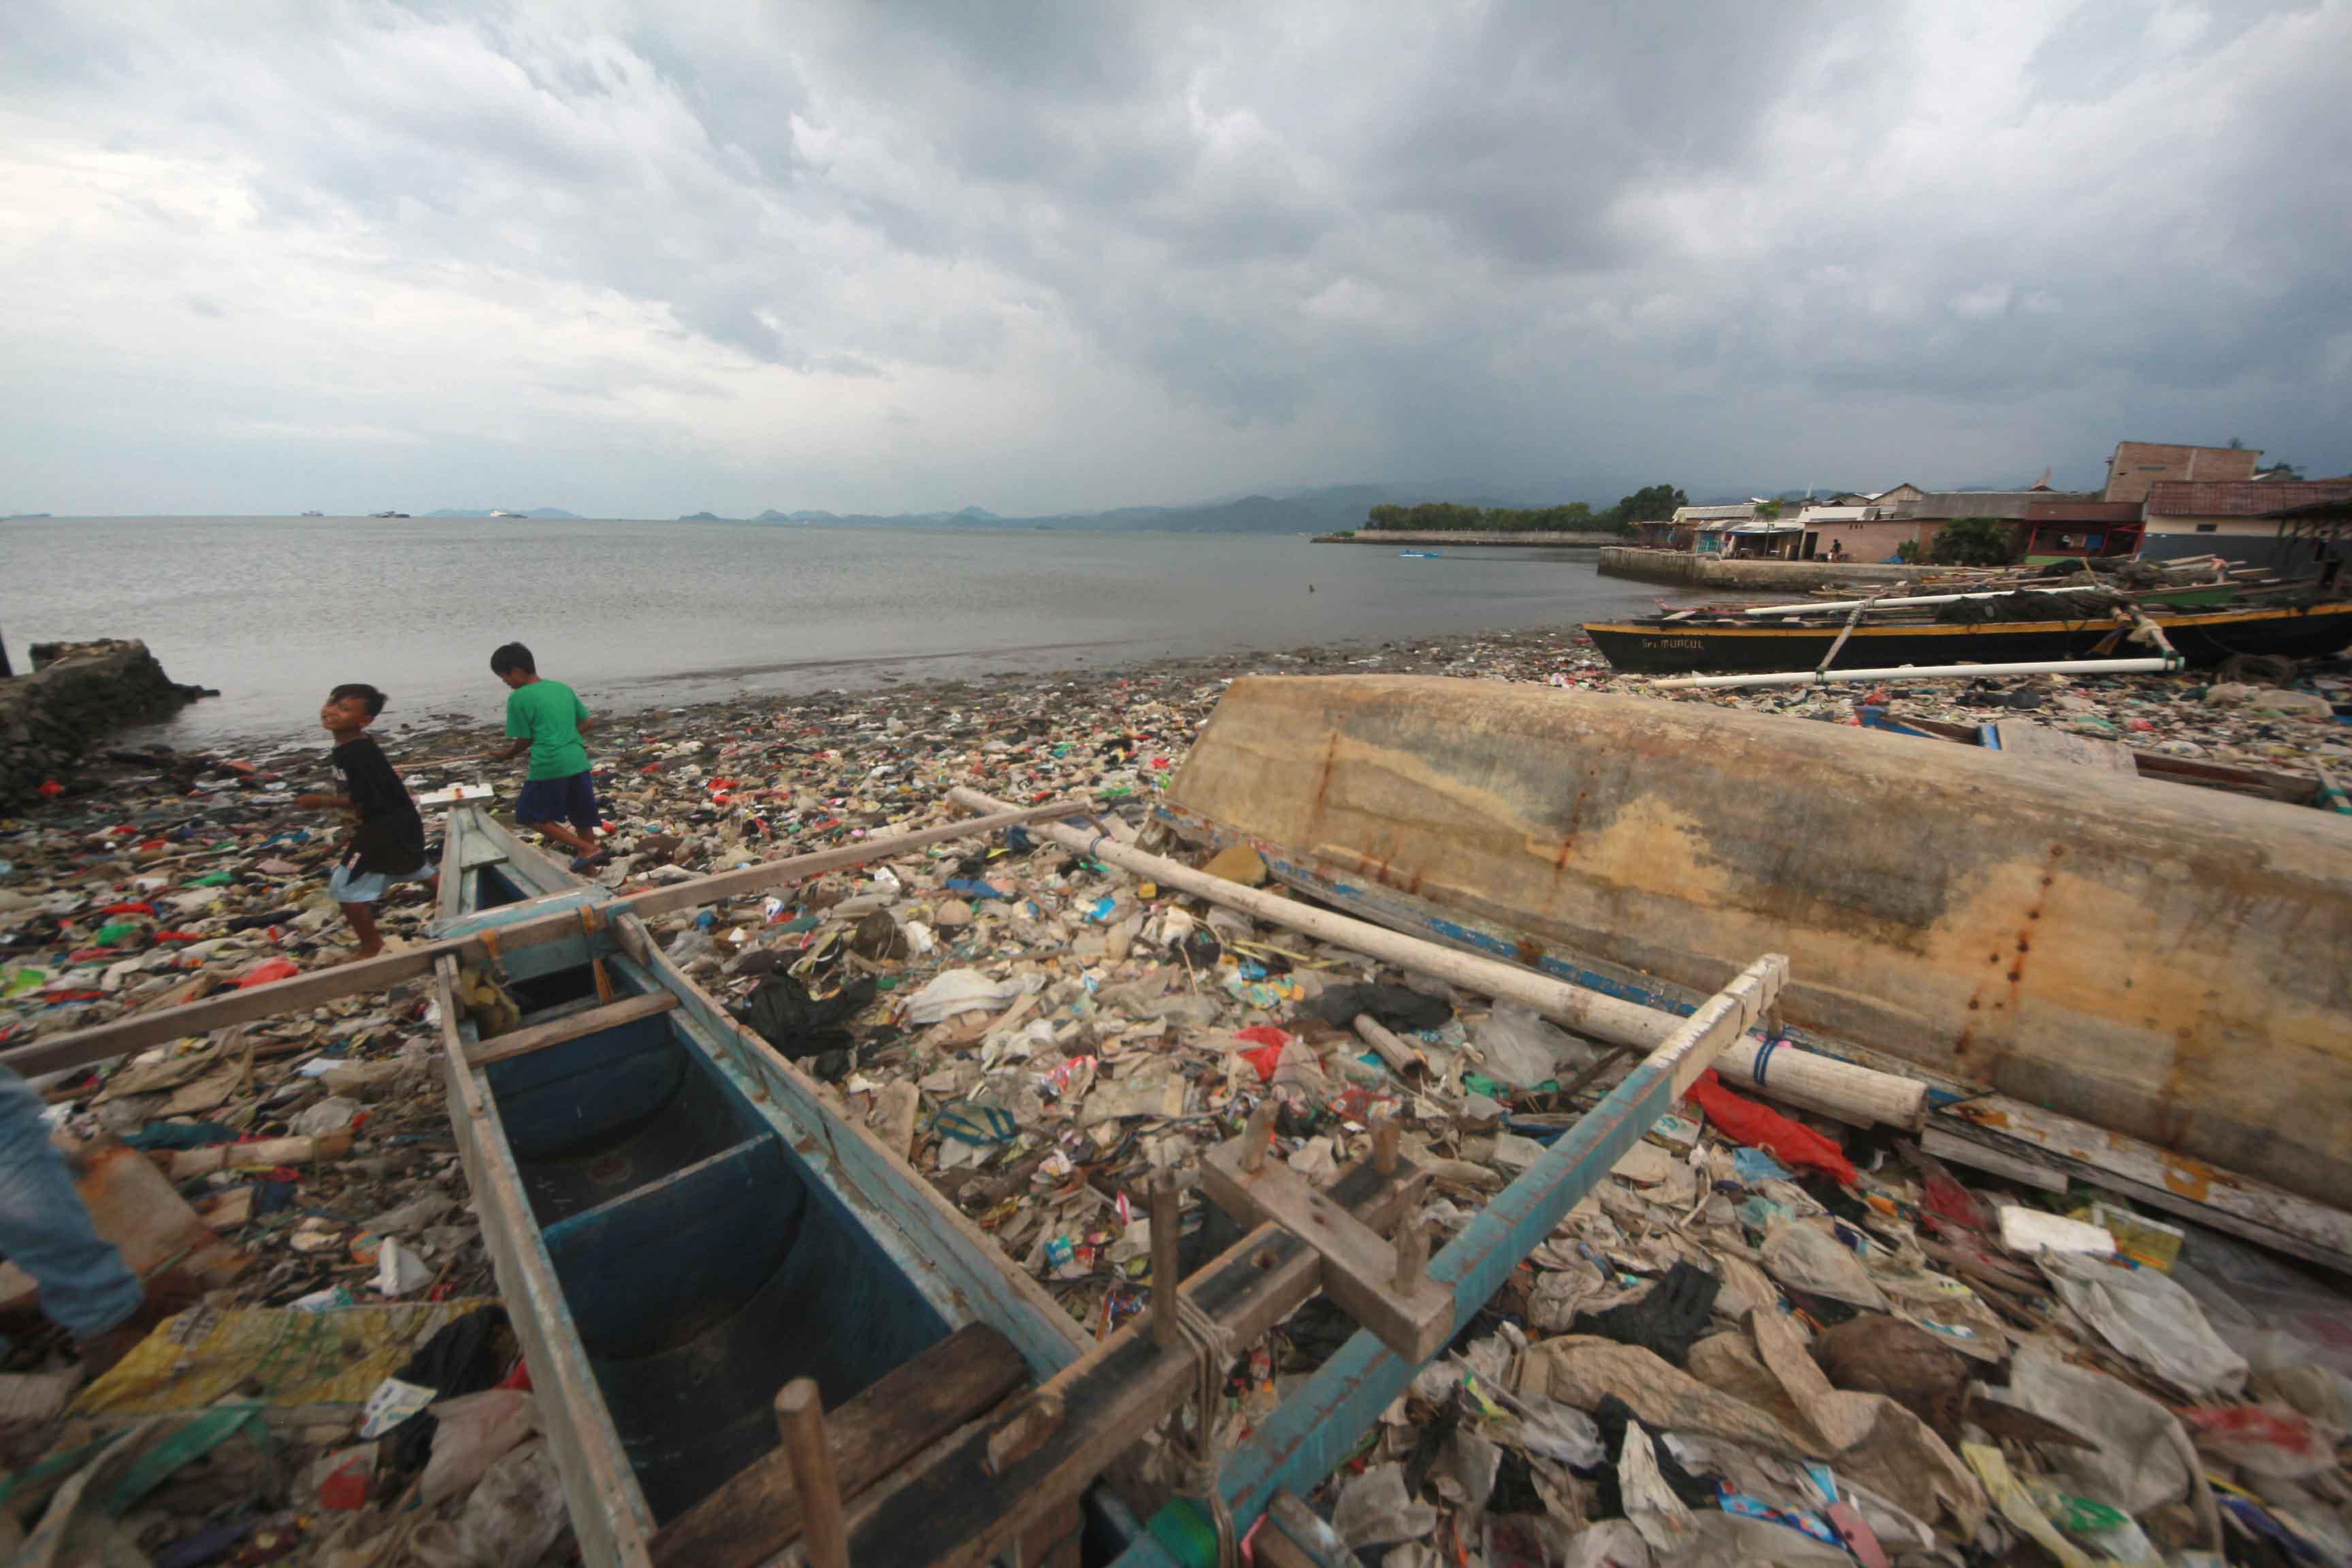 Anak-anak yang bermain di pinggir Pantai Payang, Sukaraja, Bumi Waras, Bandar Lampung, yang dipenuhi sampah. (Foto: Lampungnews.com/El Shinta)